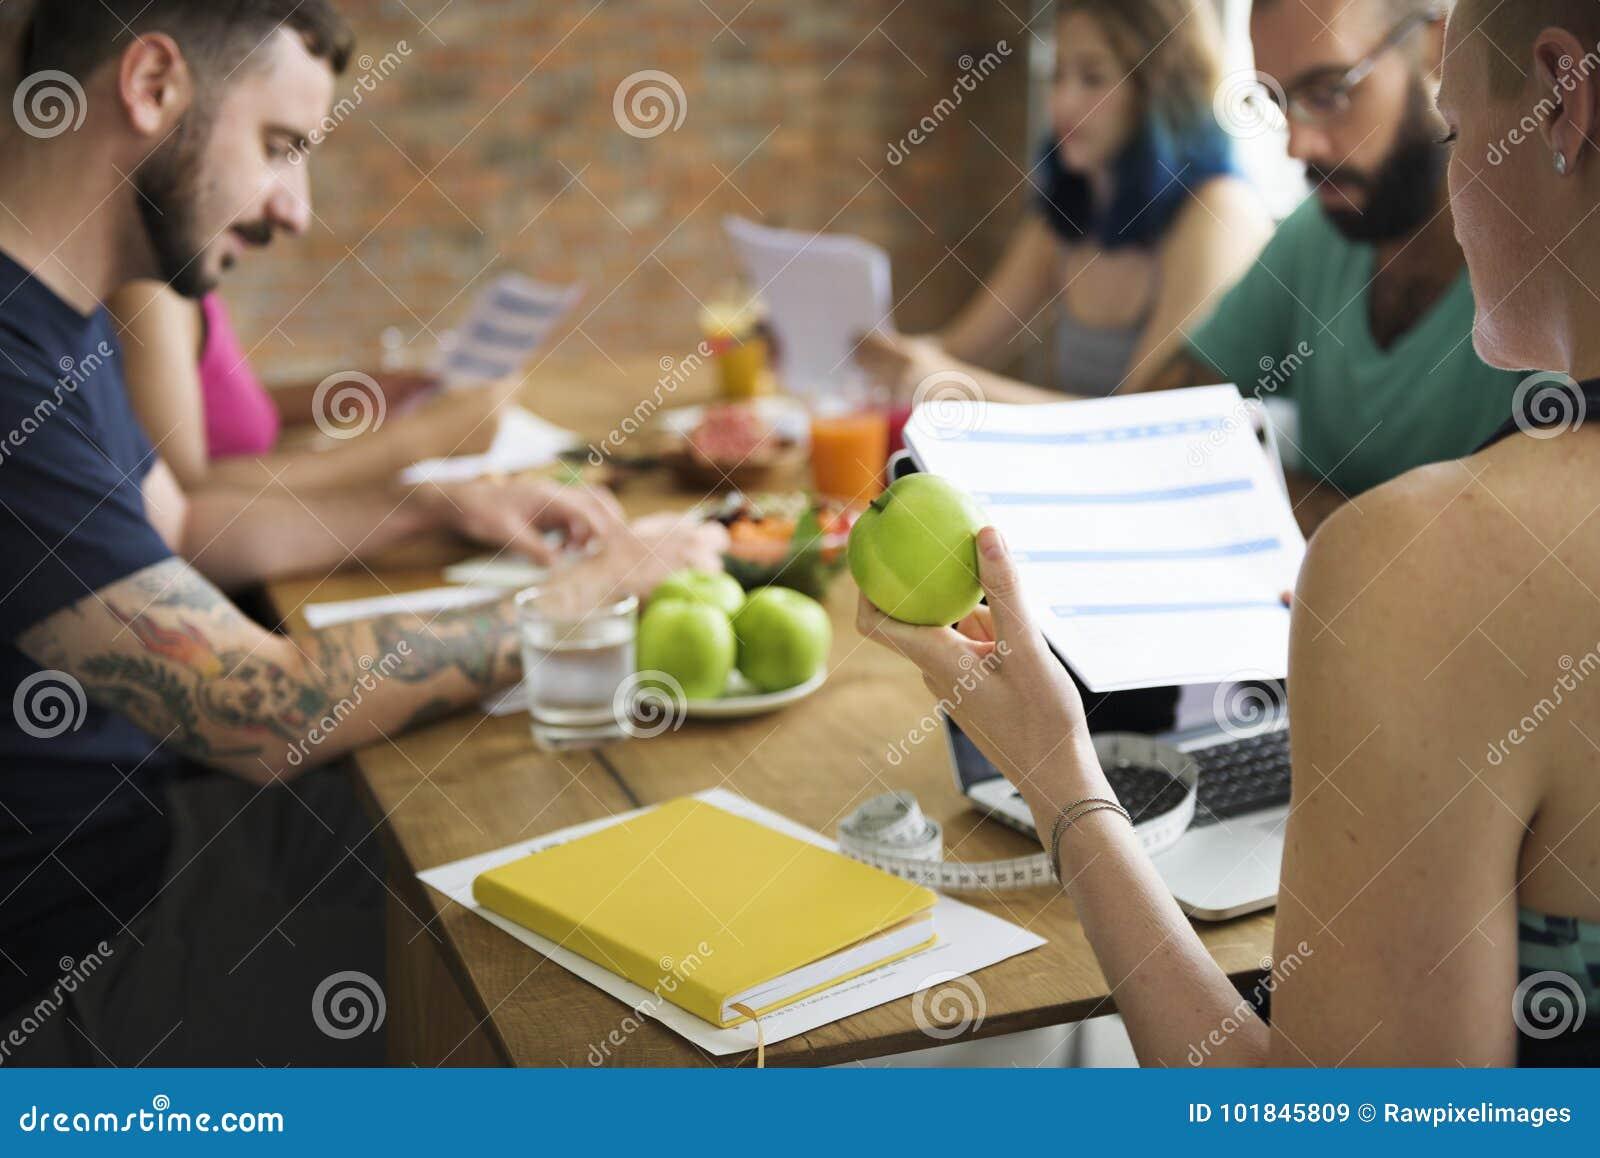 学习健康的一个小组不同的健康人民一起形成